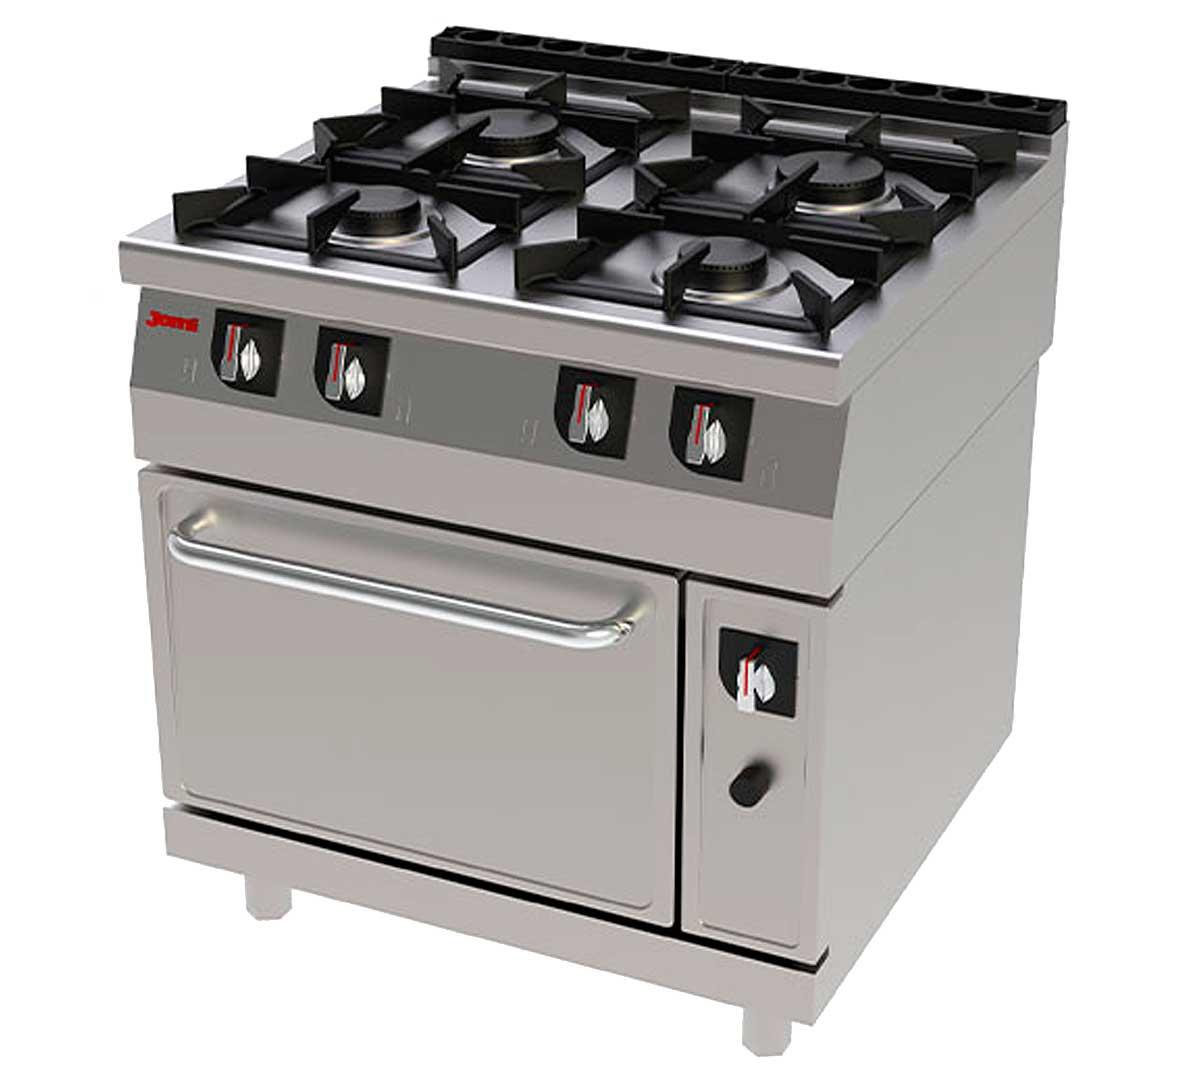 Cocina serie 750 eco horno de jemi for Horno con fogones